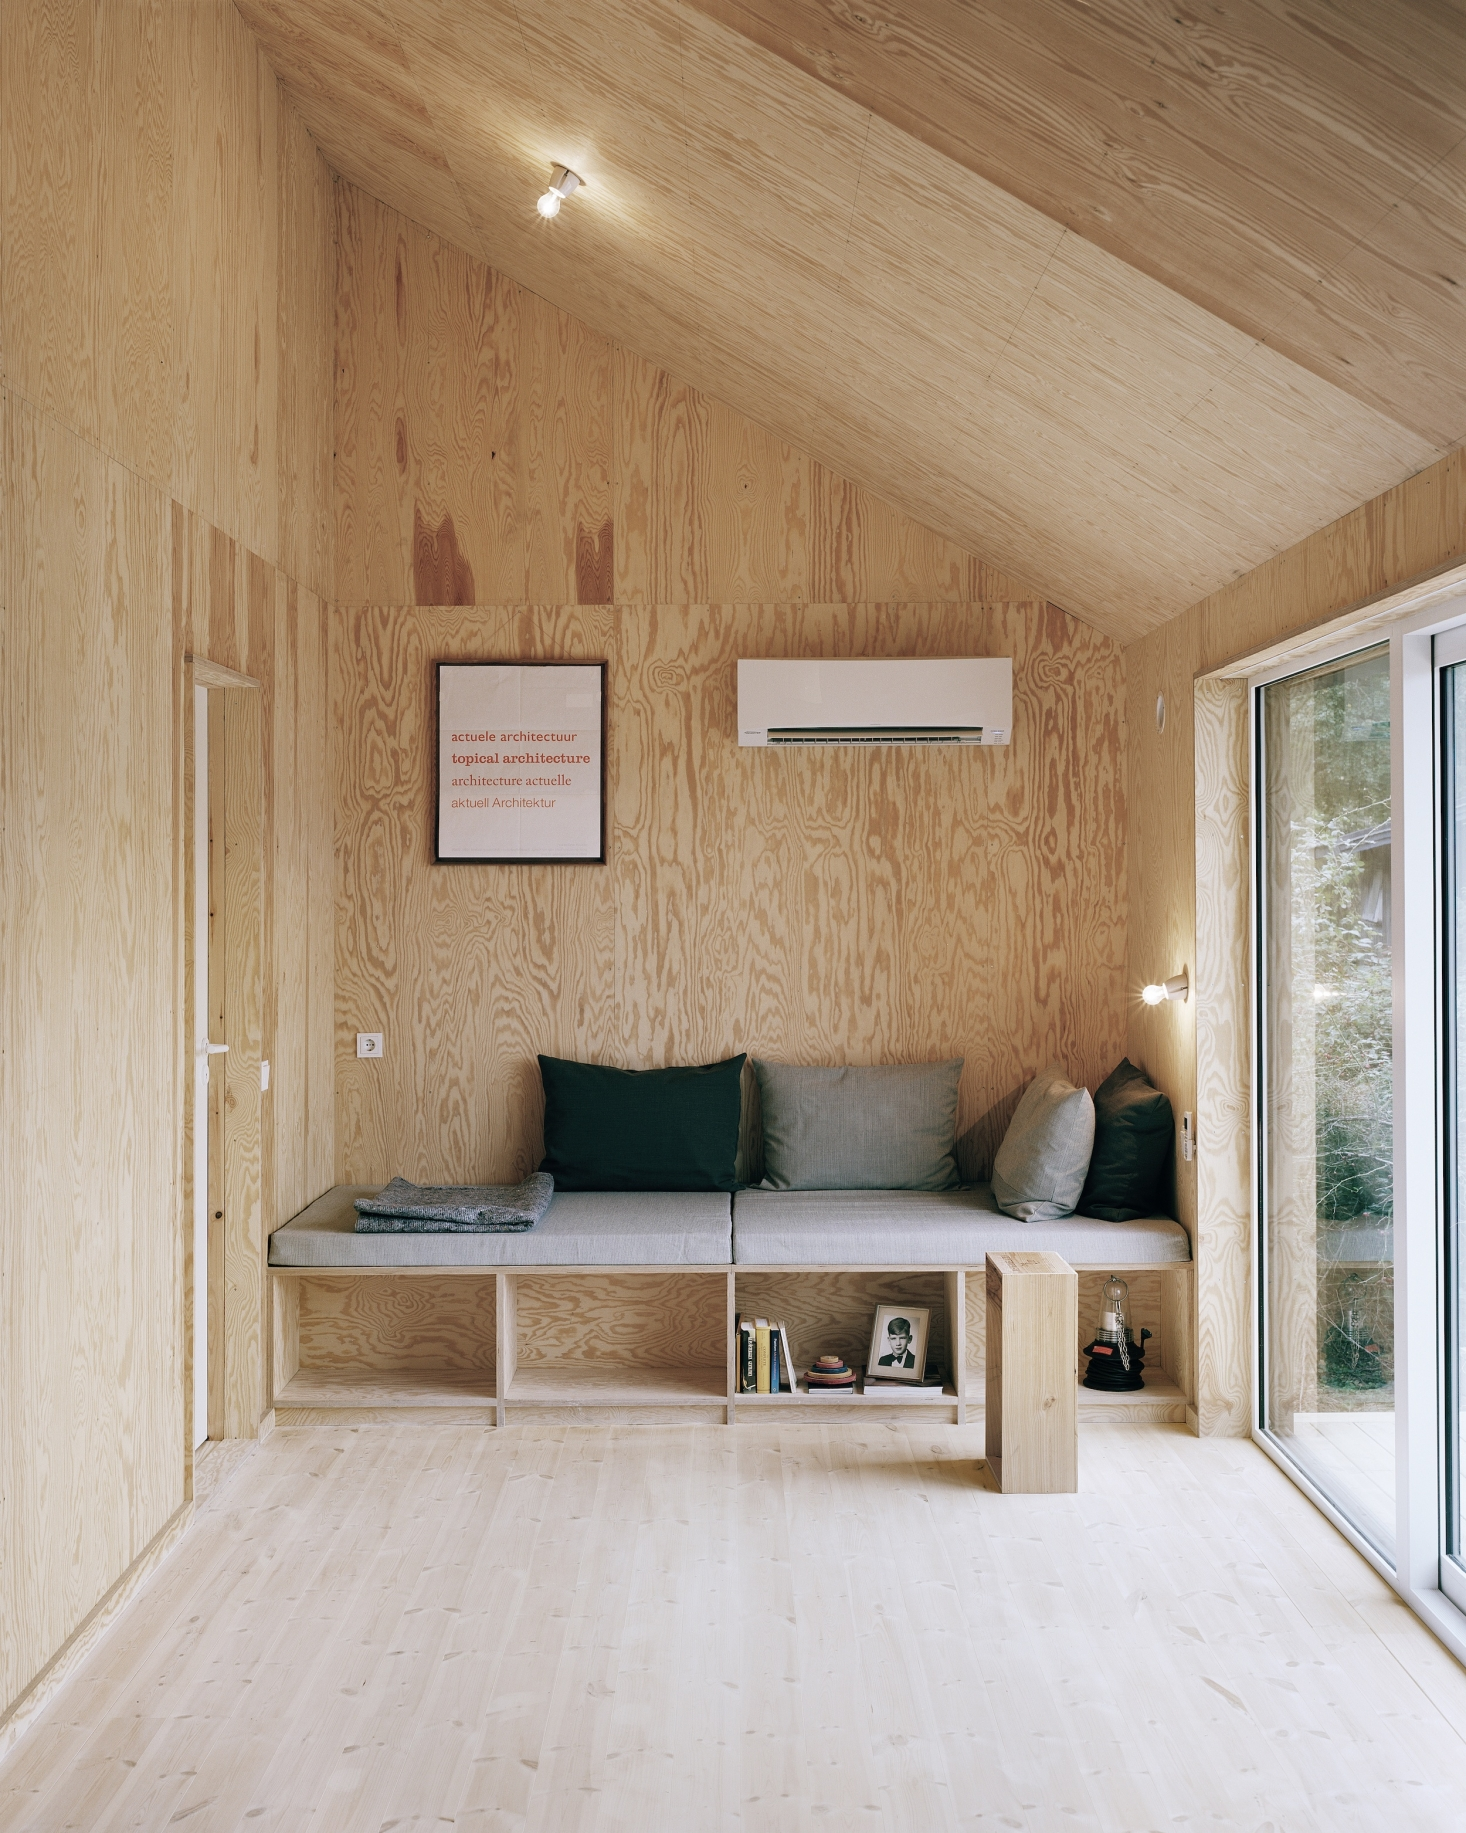 Photo by Rasmus Norlander /Johannes Norlander Arkitektur